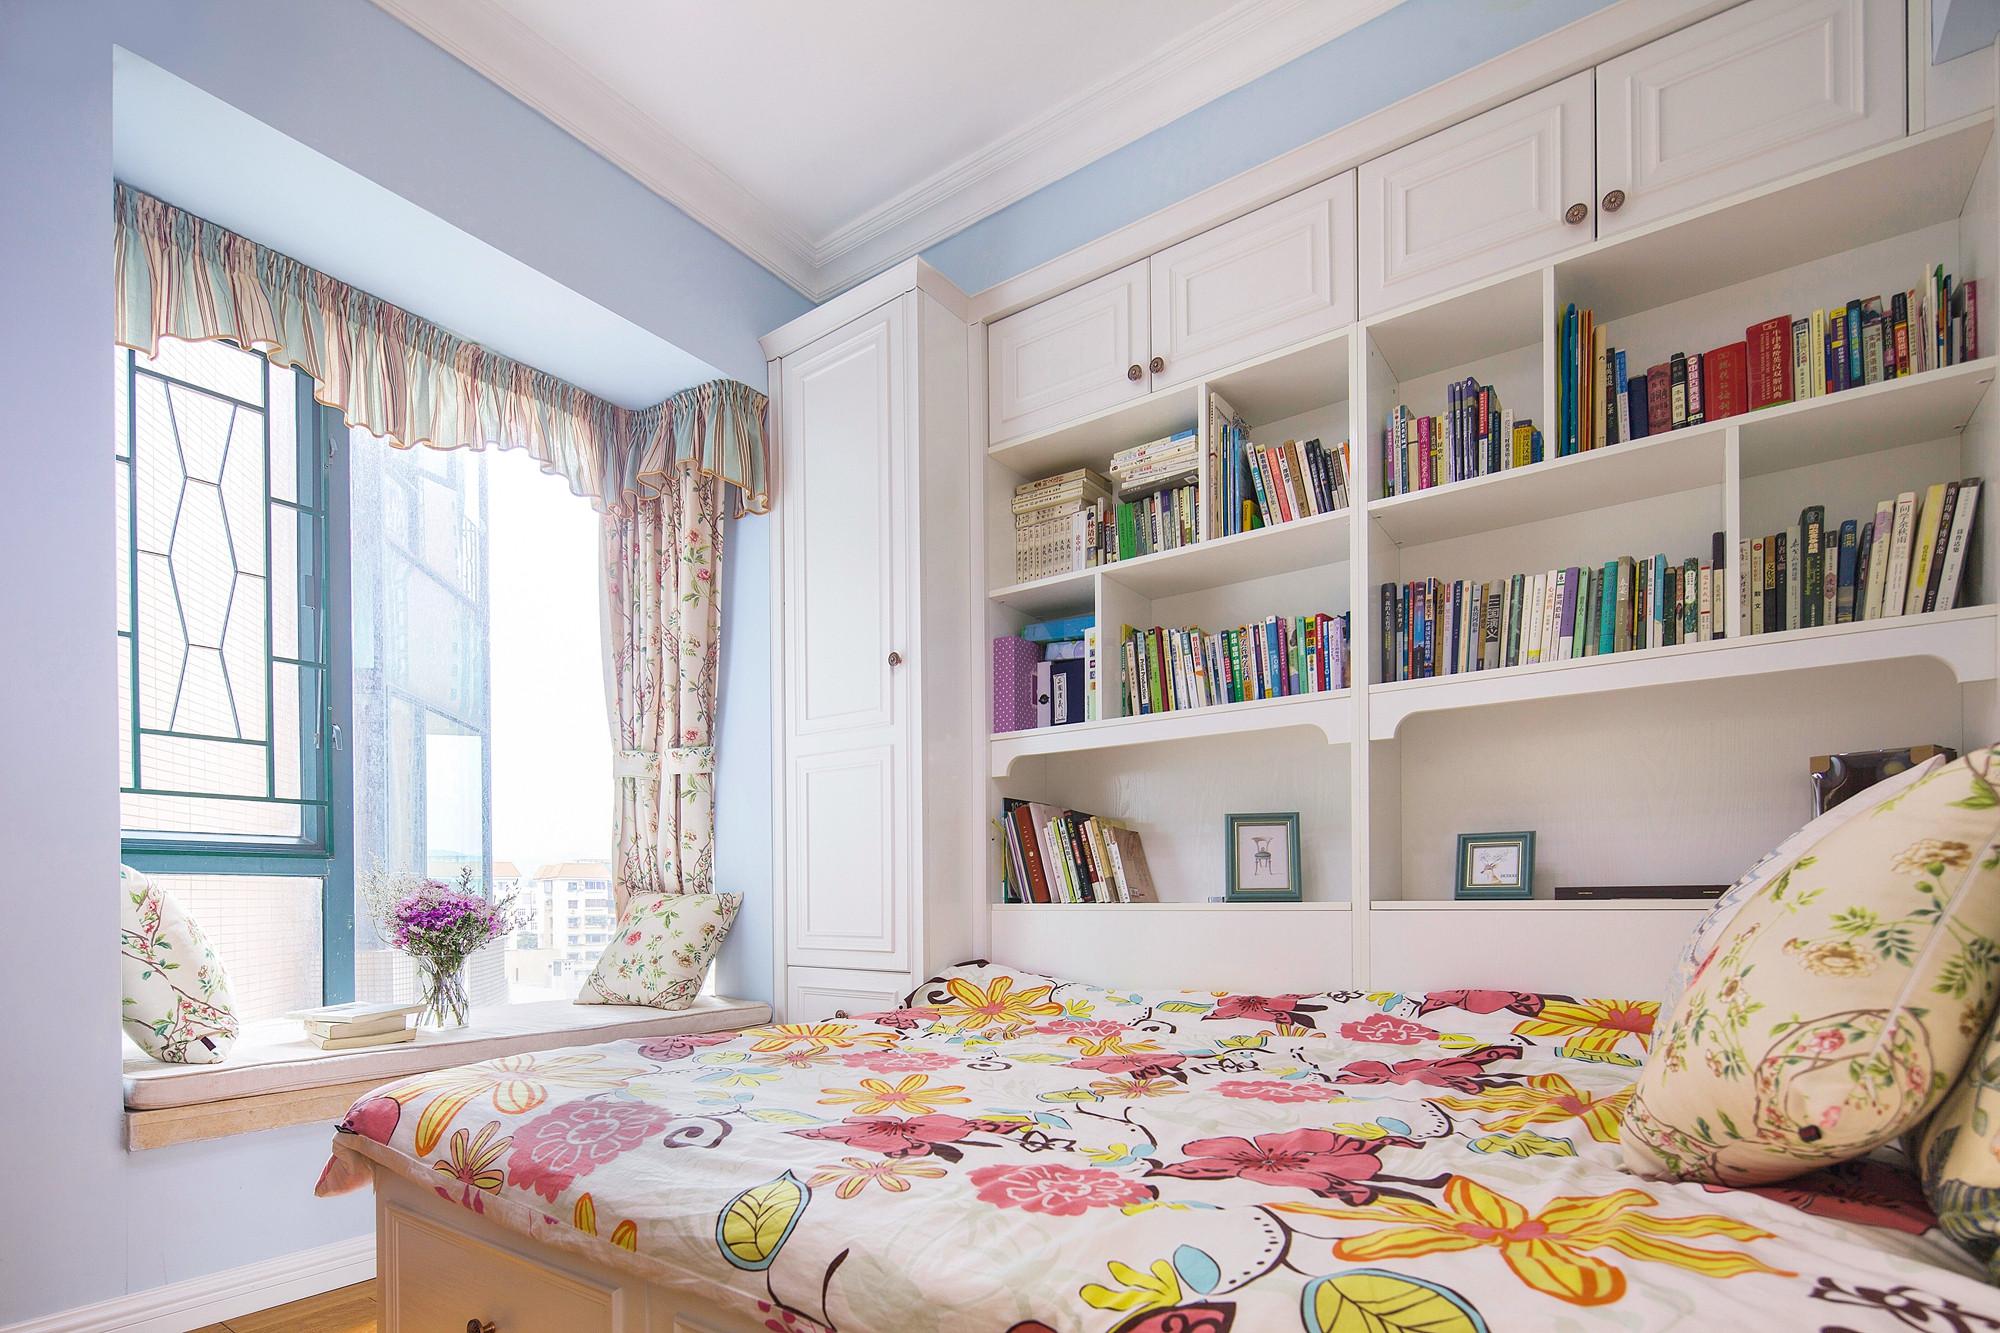 新古典三居室装修次卧设计图